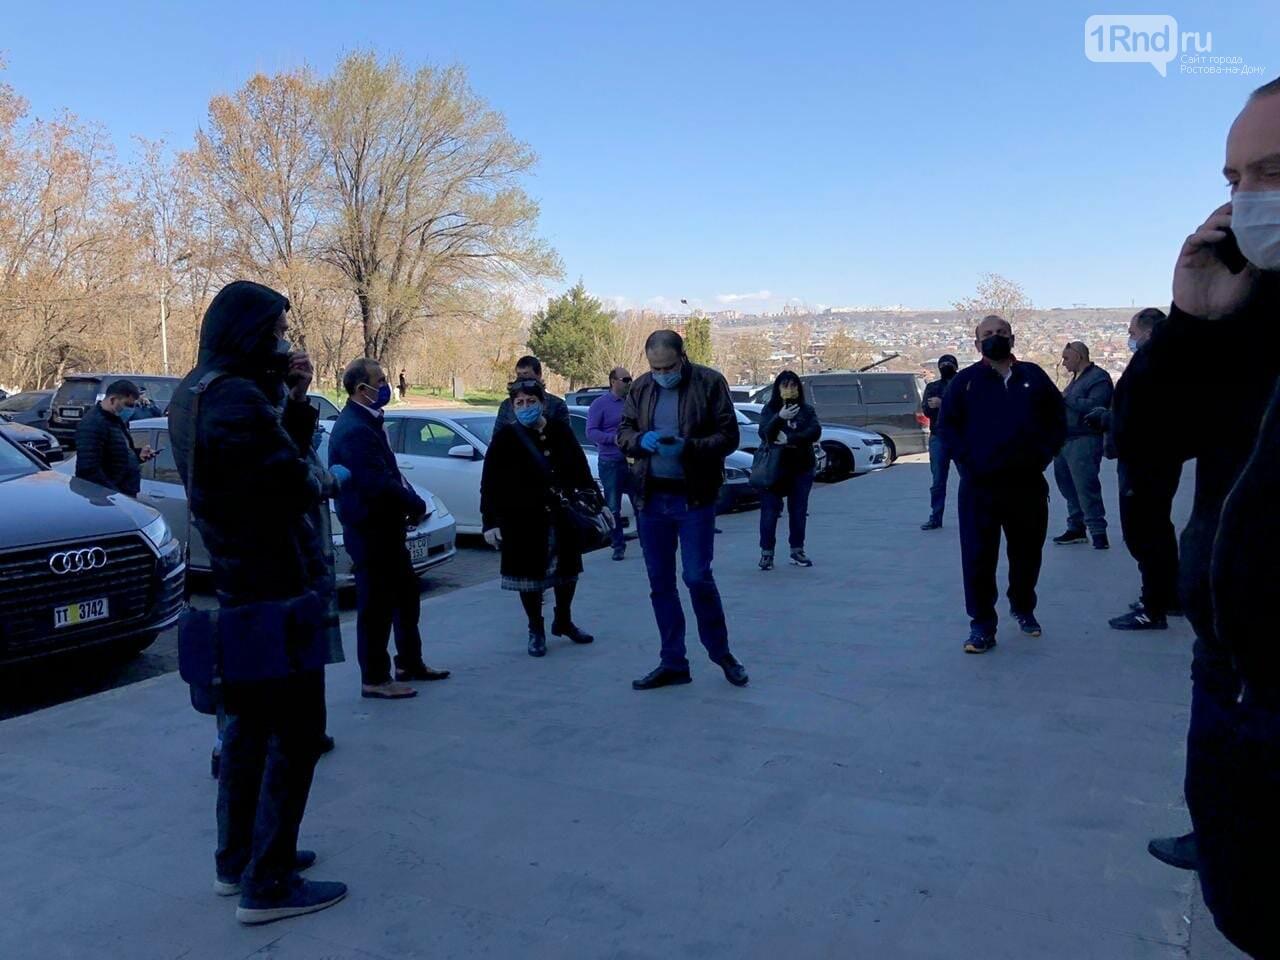 Ростовчане не могут вернуться на родину из Армении из-за закрытых границ, фото-3